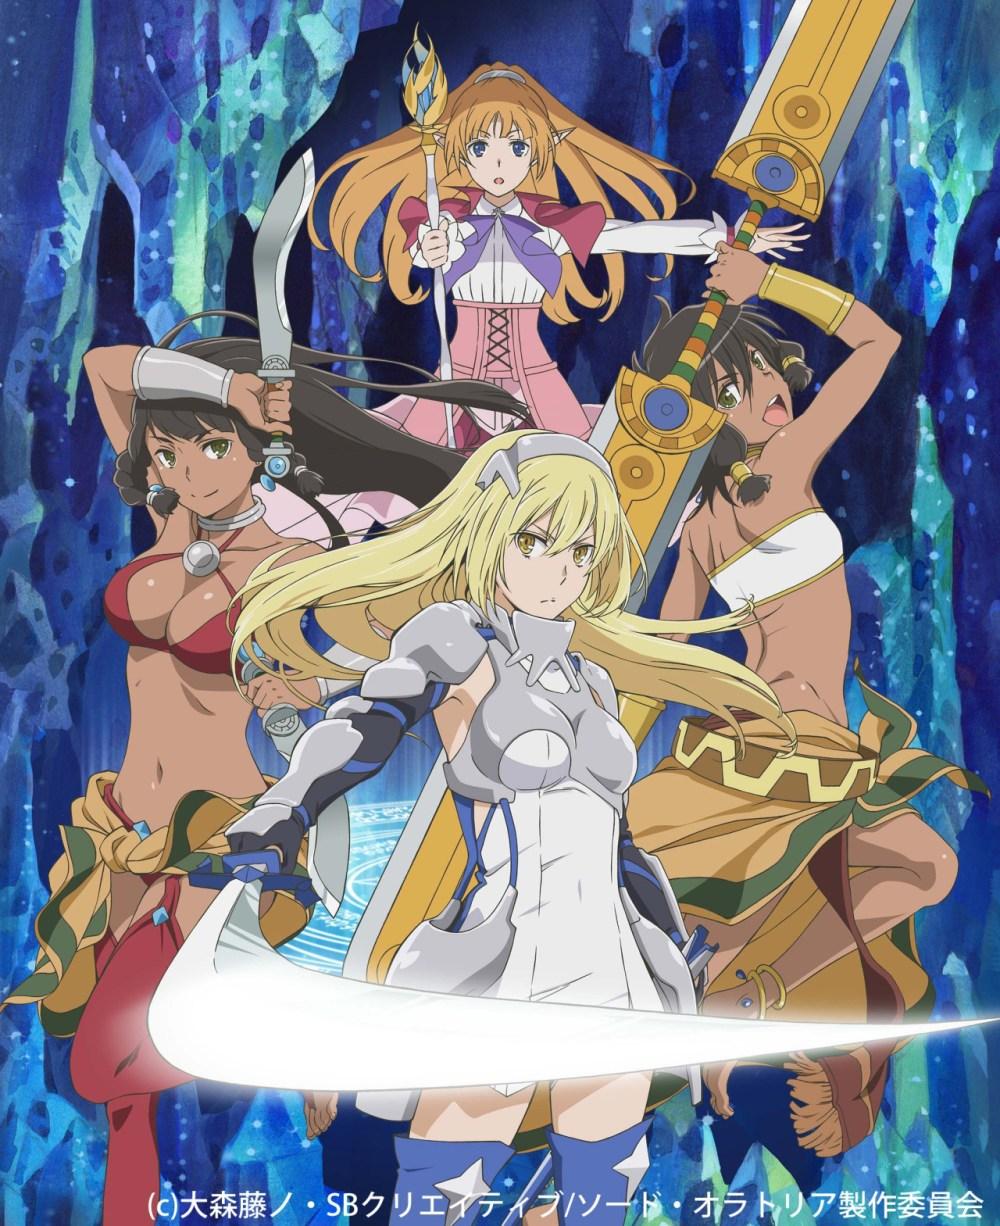 Dungeon ni Deai wo Motomeru no wa Machigatteiru Darou ka Gaiden: Sword Oratoria | 720p | BDRip | Dual Audio | x265